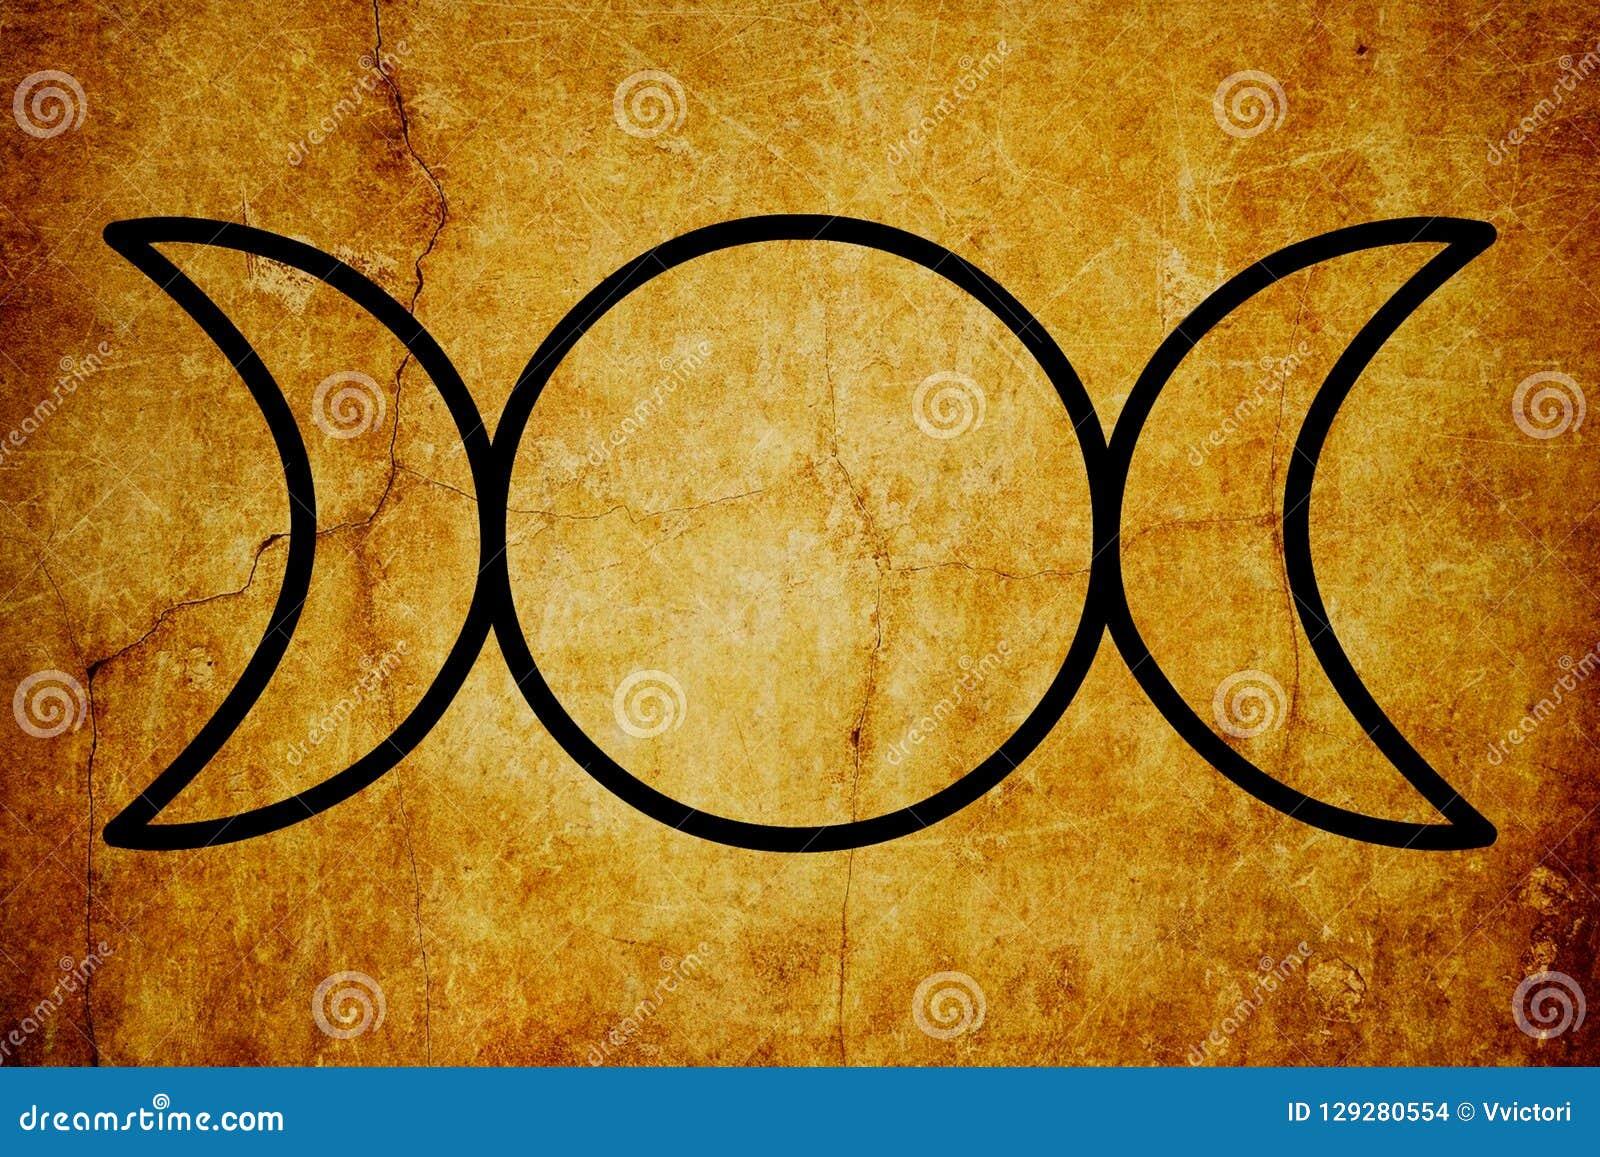 O fundo mágico do vintage dos símbolos do símbolo triplo da deusa